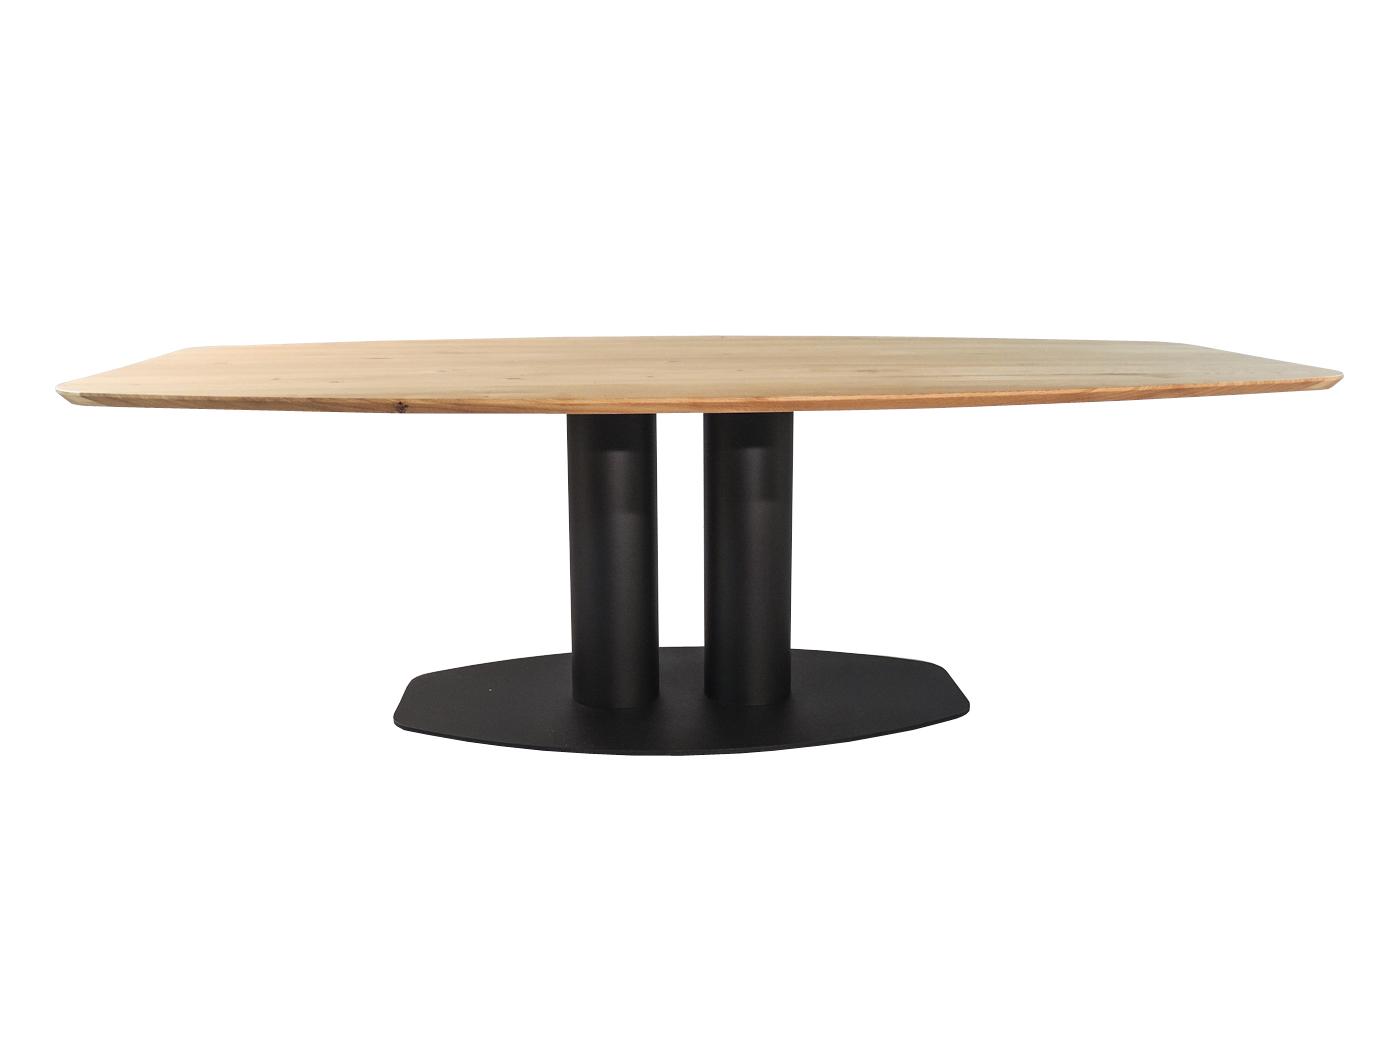 Grosseto - Eettafel ovaal 10 personen